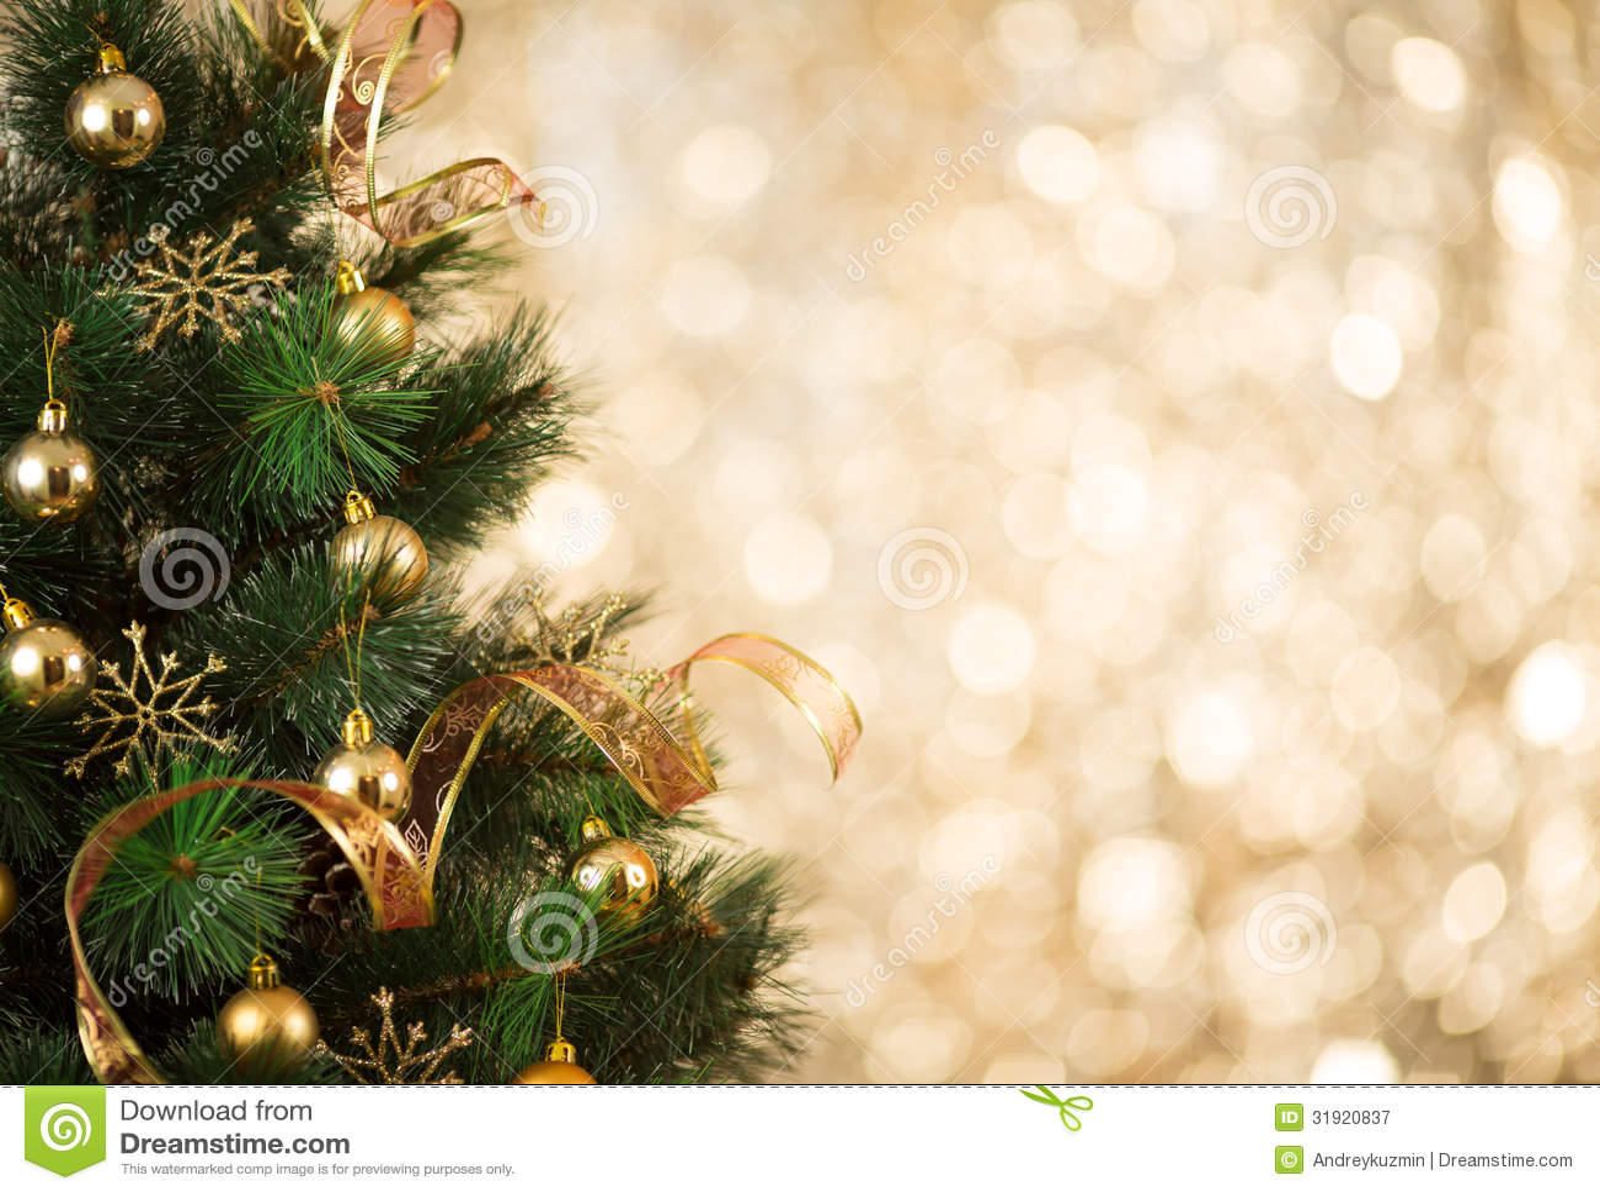 Fundo da árvore de Natal do ouro de luzes defocused